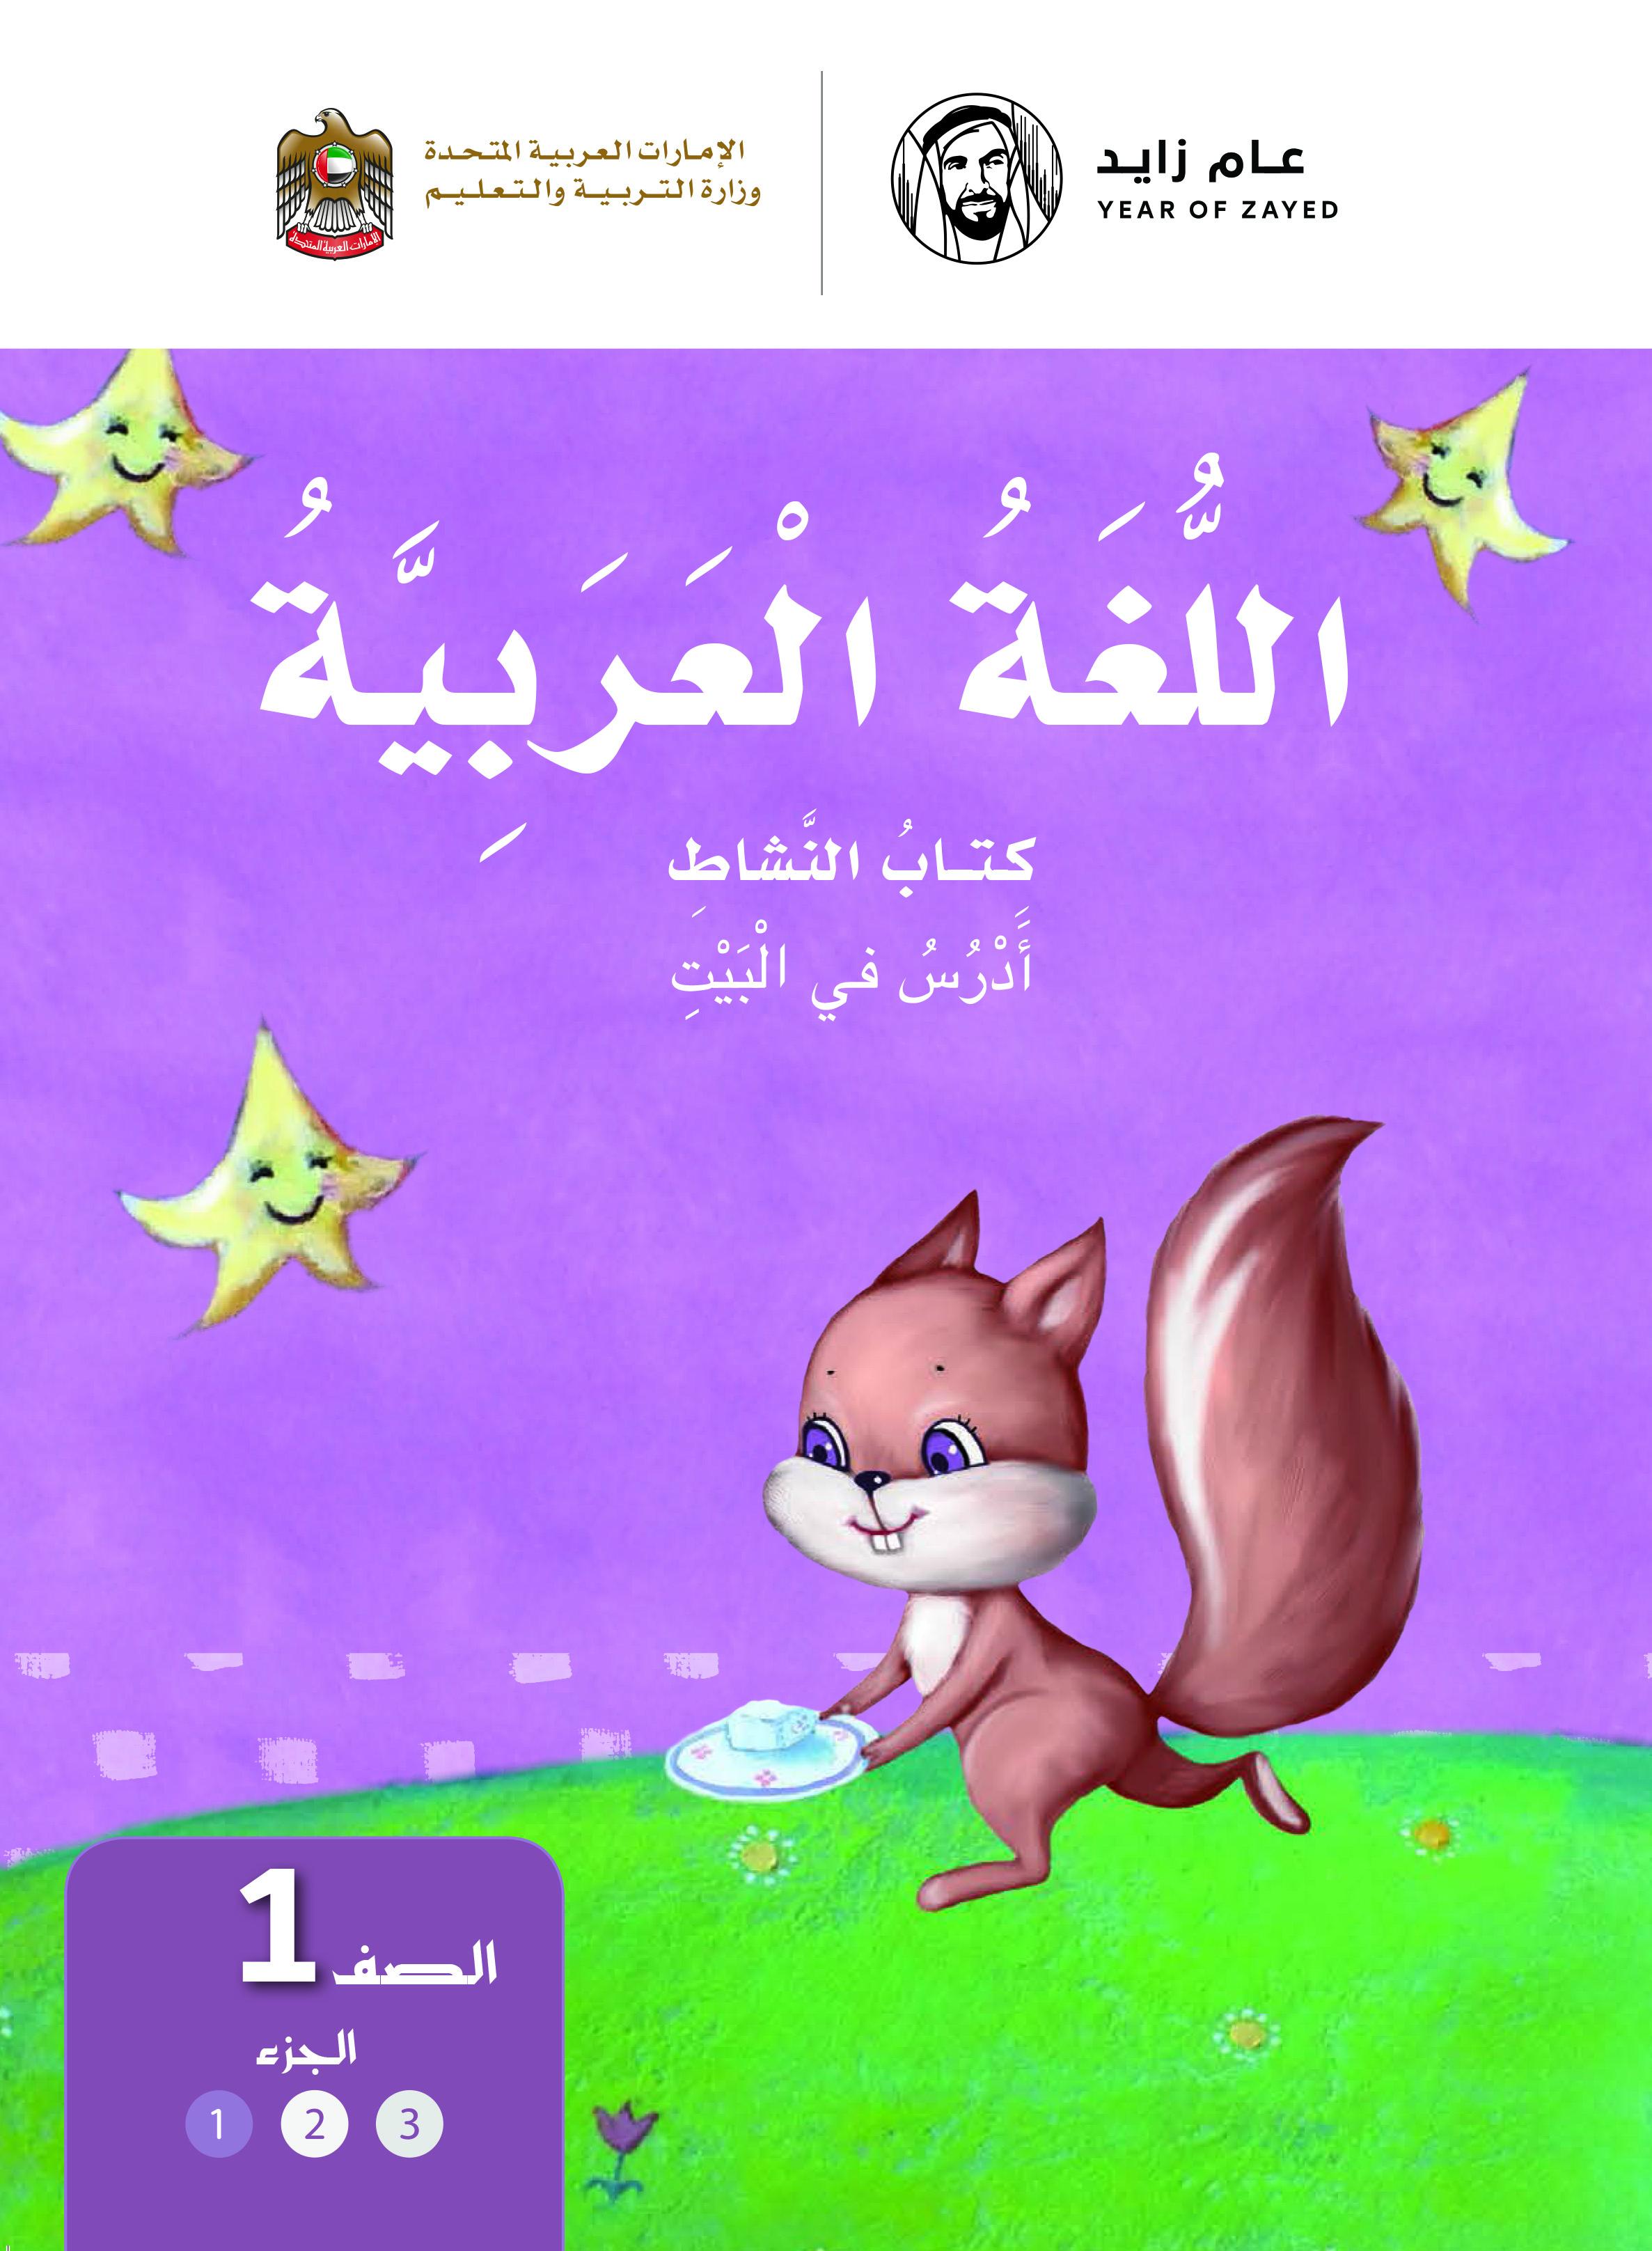 اللغة العربية للصف الأول كتاب أدرس في البيت - الجزء الأول